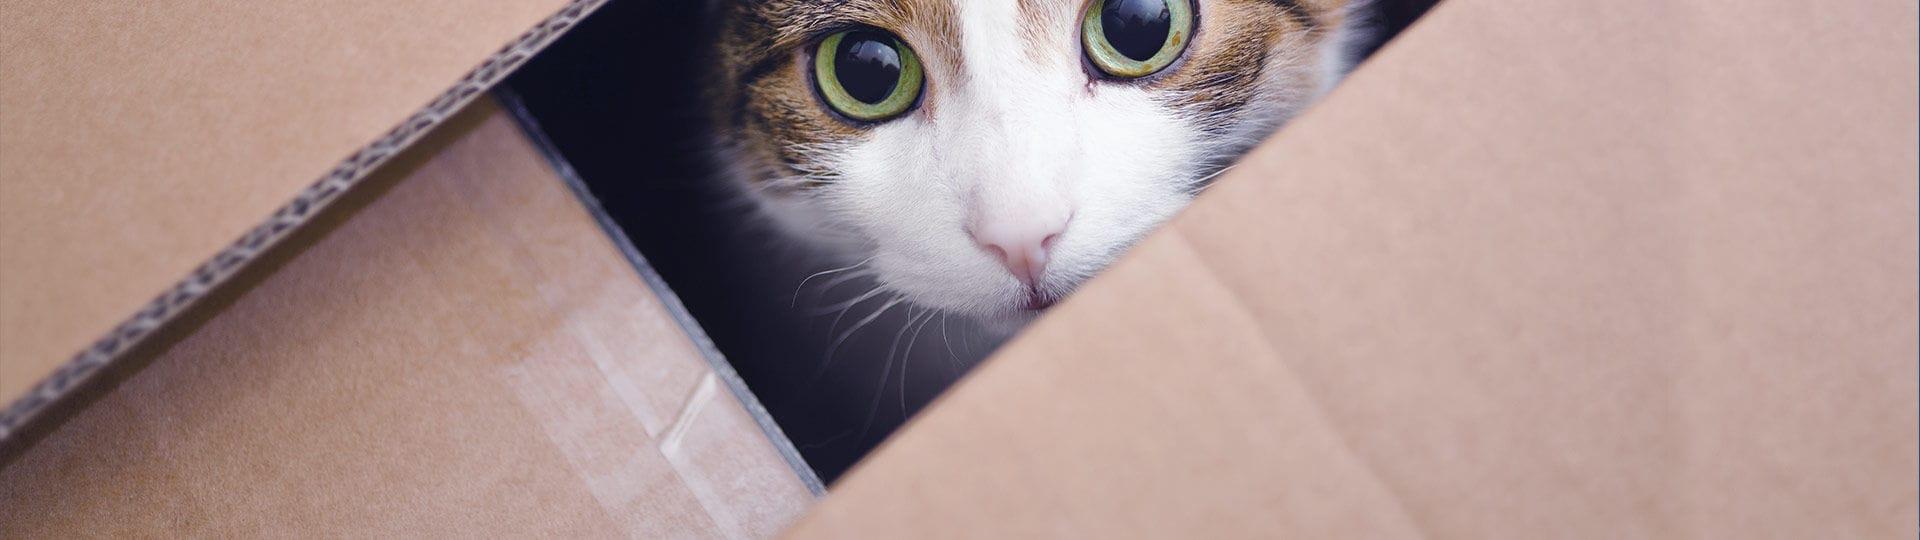 Katte kan ikke lide at flytte